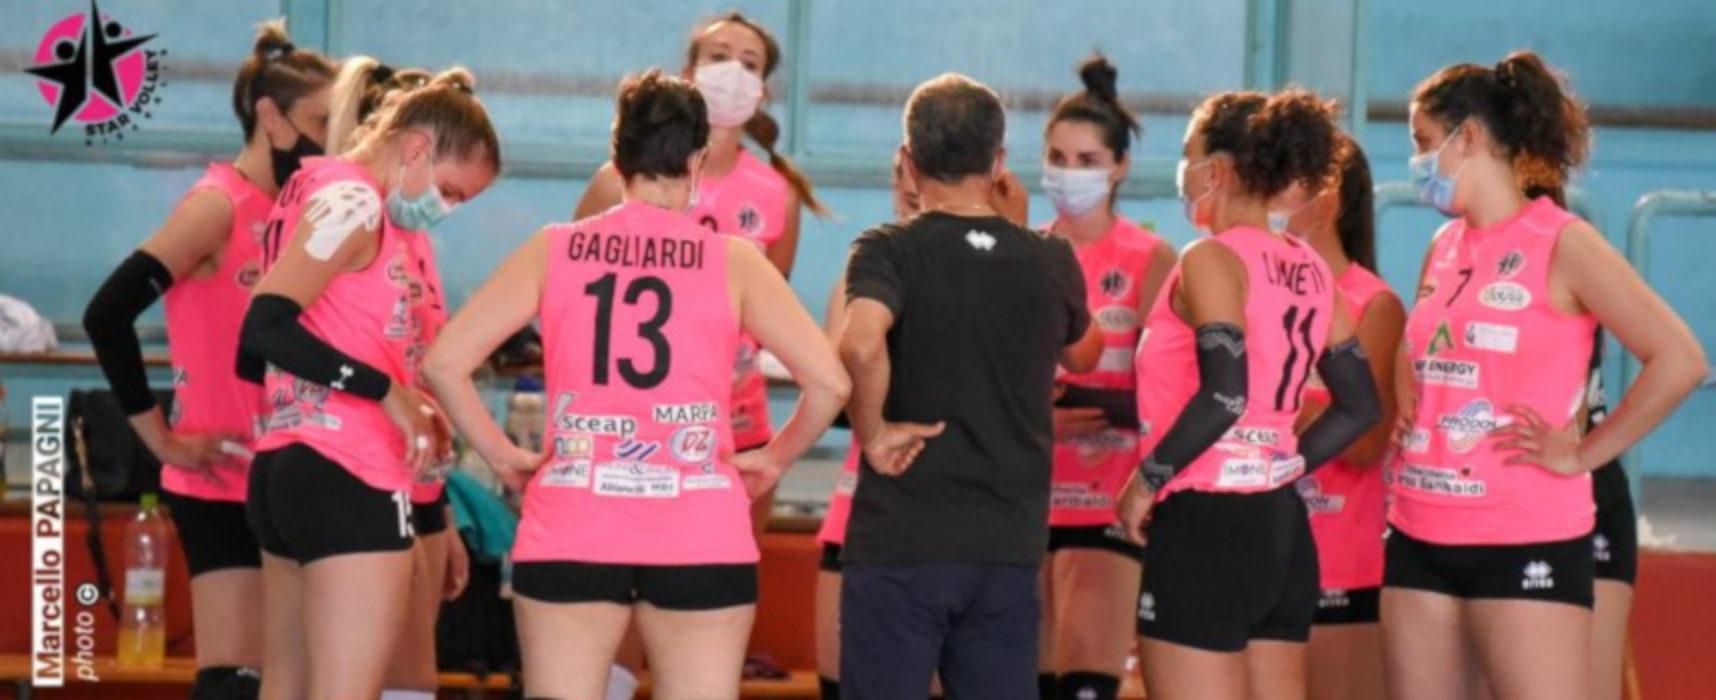 La Star Volley apre i play-off sul parquet di Acquaviva